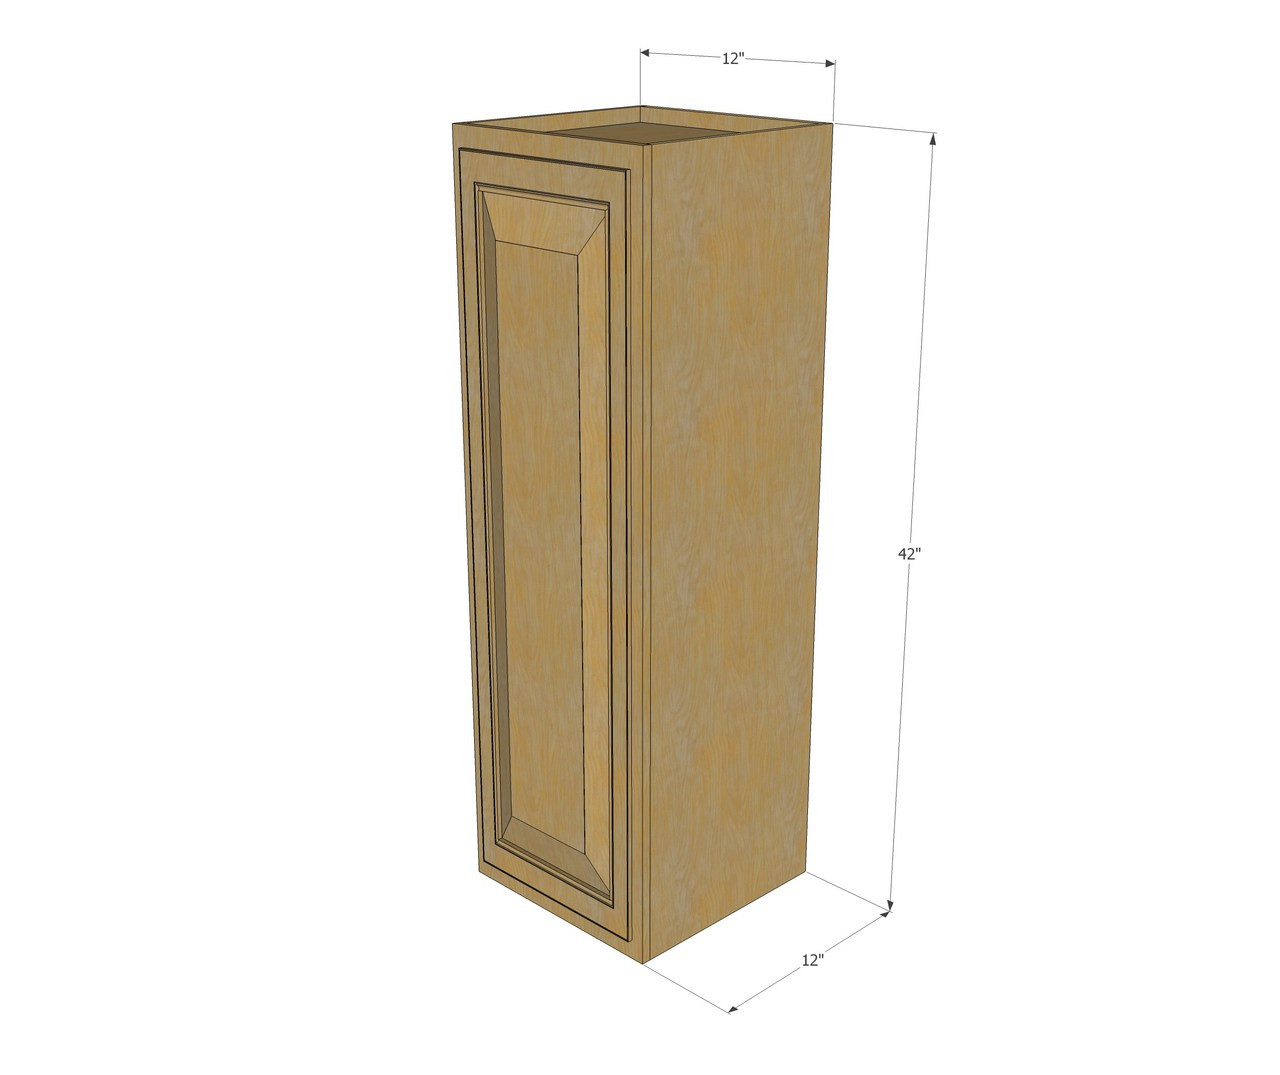 12 Kitchen Cabinets: Small Single Door Regal Oak Wall Cabinet